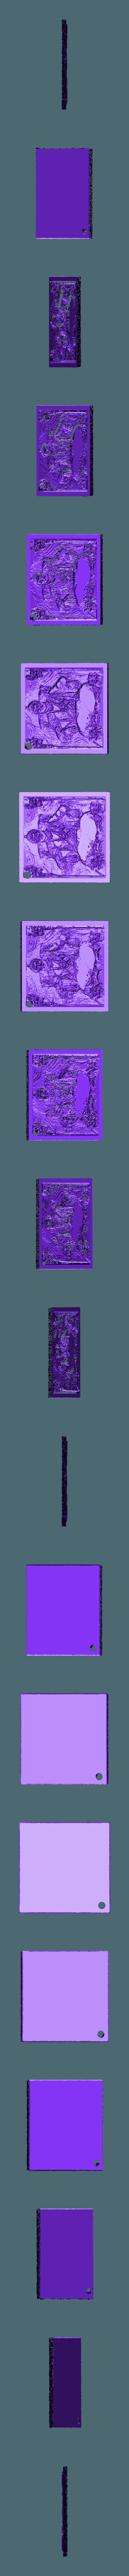 maharaj2.stl Télécharger fichier STL gratuit Maharaj Litho KEYCHAIN • Modèle pour impression 3D, sujit23